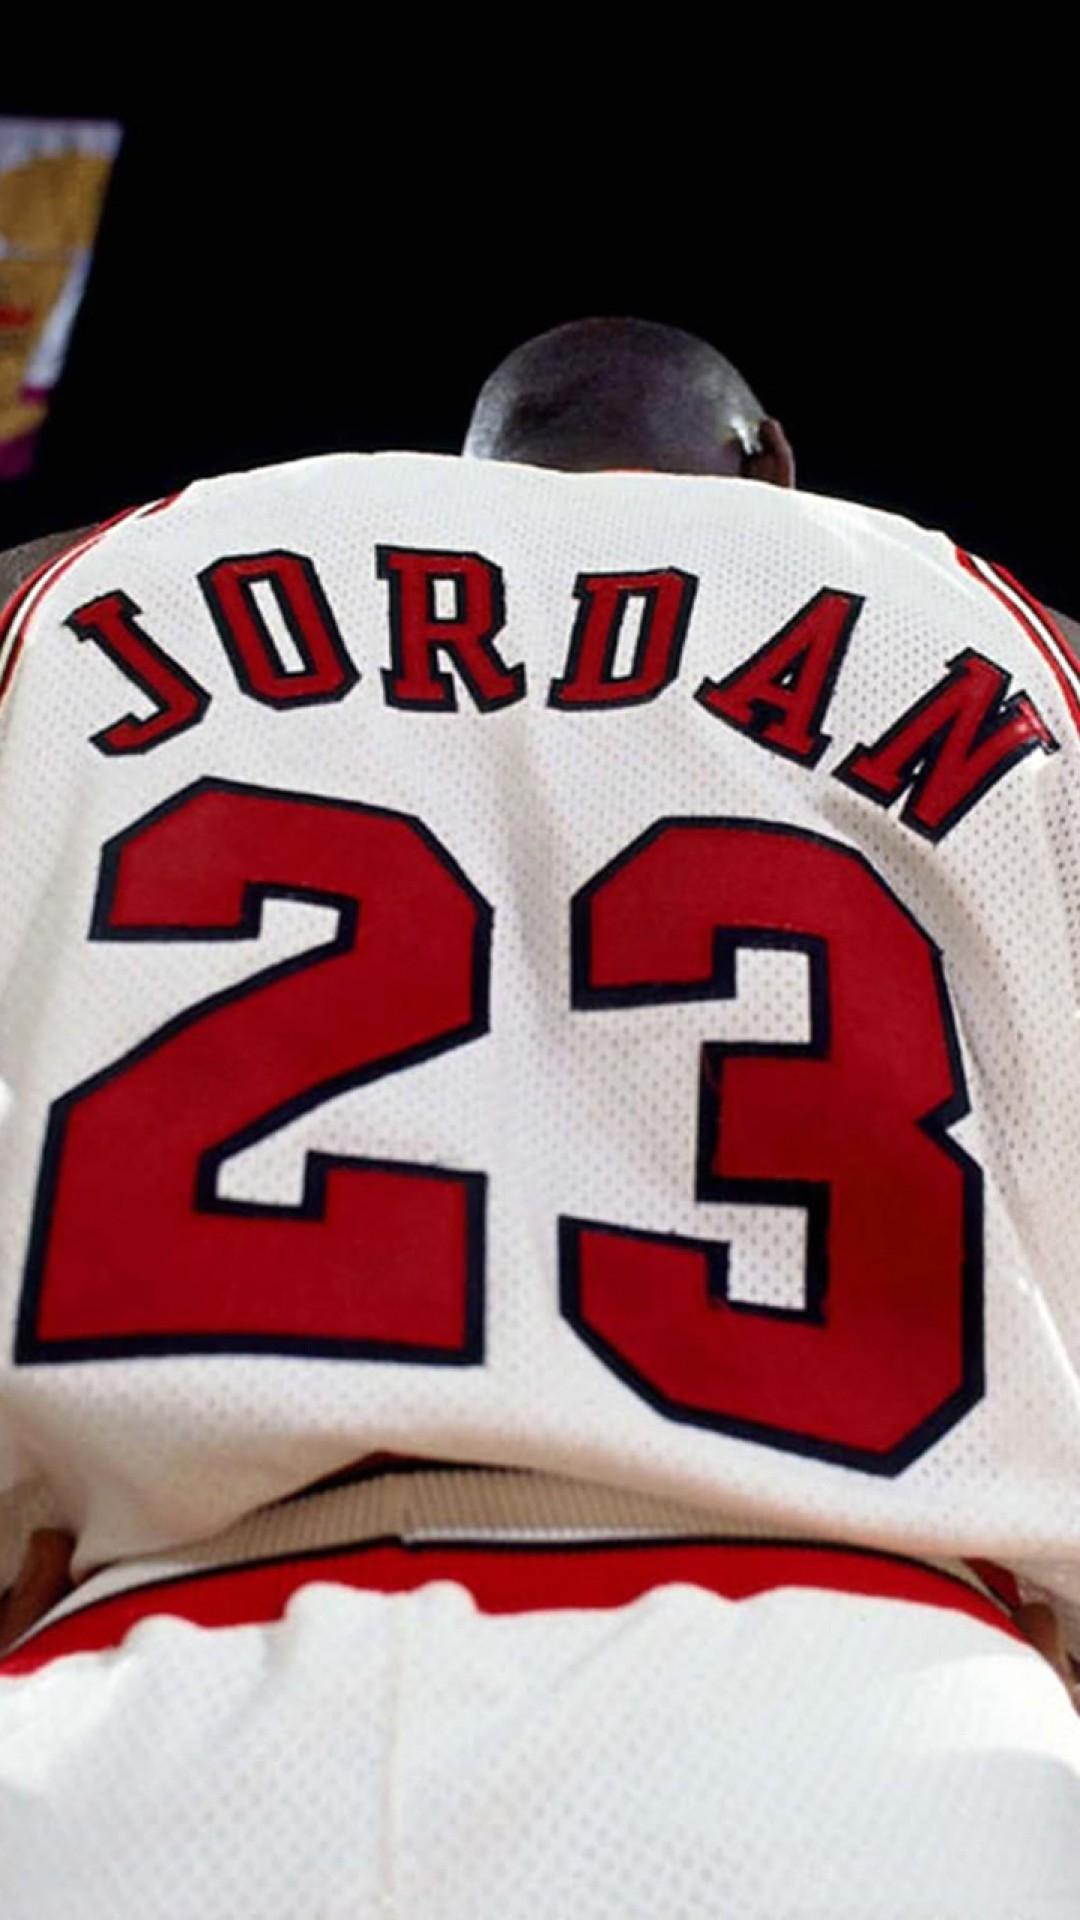 Res: 1080x1920, 0 684x1072 Michael Jordan Pictures  Michael Jordan Wallpapers for  Iphone 7, Iphone 7 plus, Iphone 6